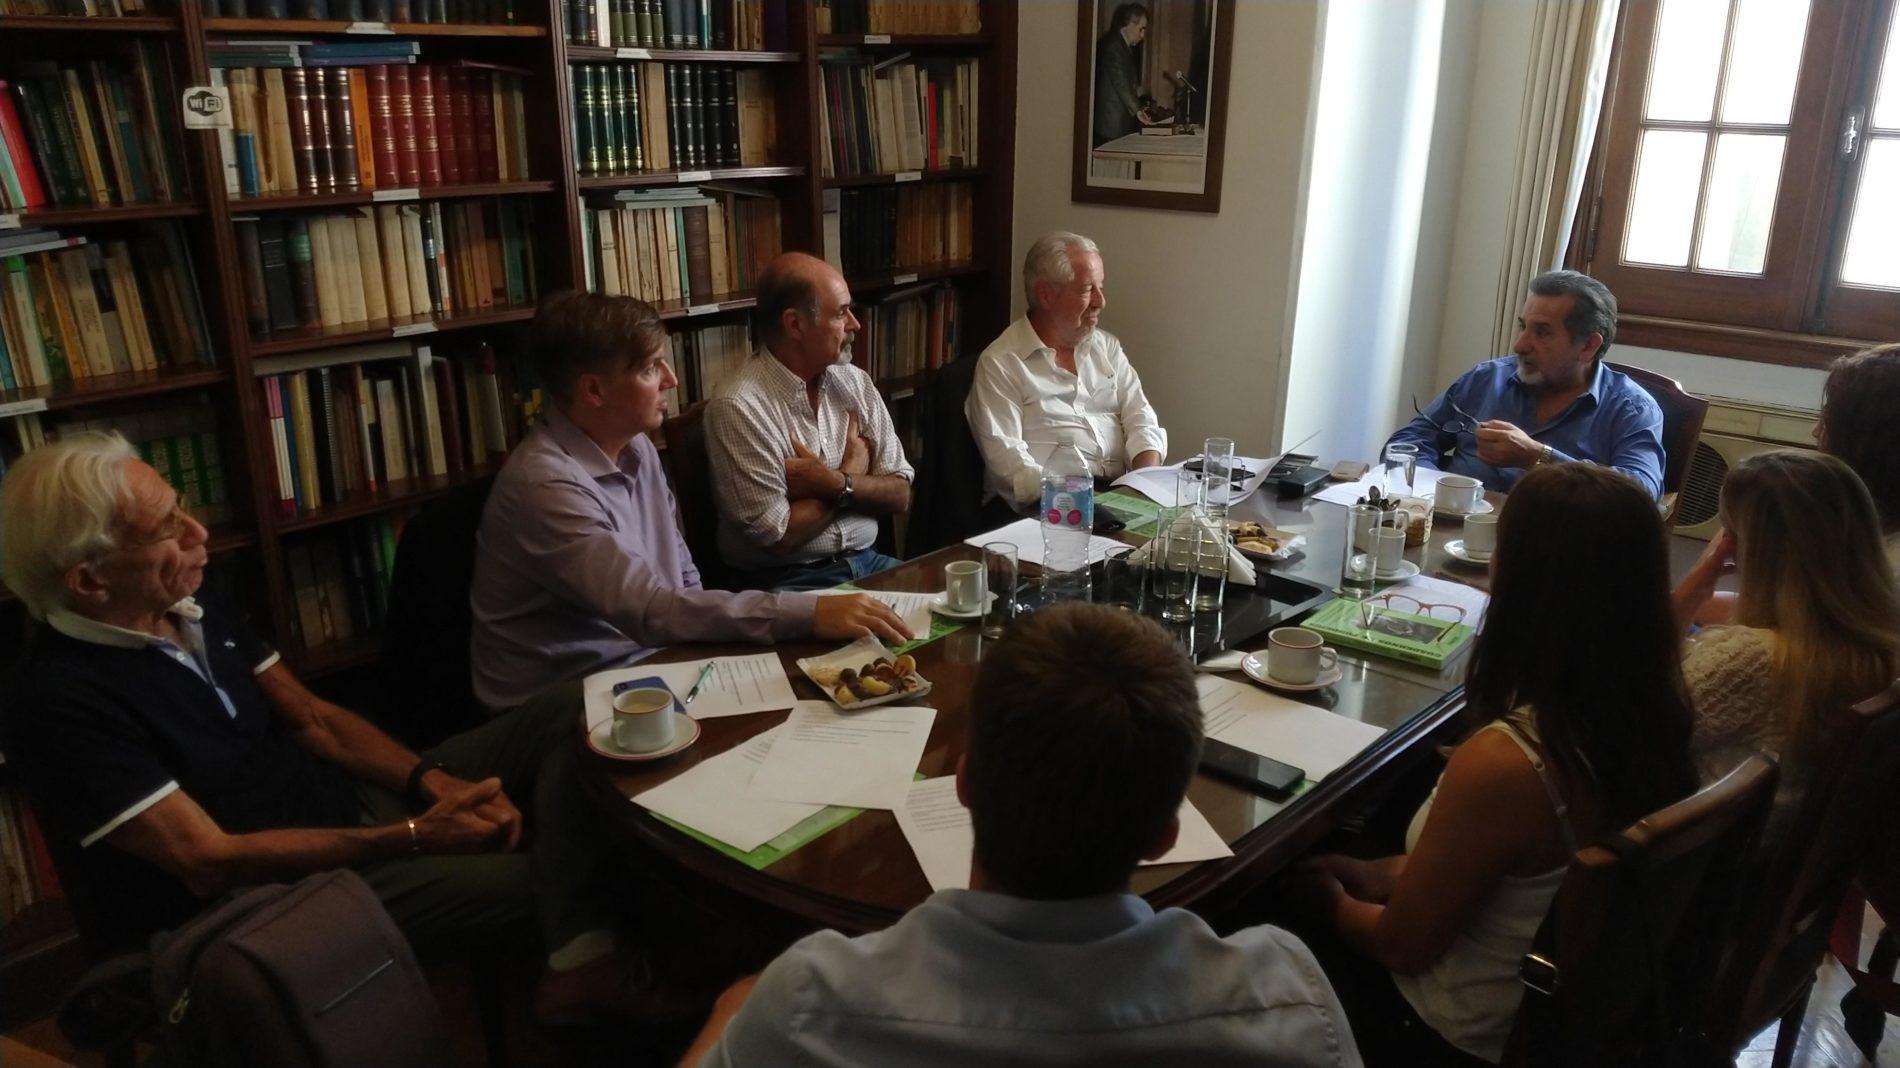 18/02/20. REUNIÓN DE TRABAJO DE LOS INTEGRANTES DEL CONSEJO DE ADMINISTRACIÓN ACOMPAÑADOS POR MIEMBROS DEL CONSEJO ASESOR, INVESTIGADORES, REPRESENTANTES REGIONALES Y DE LA OFICINA DE LA MUJER.